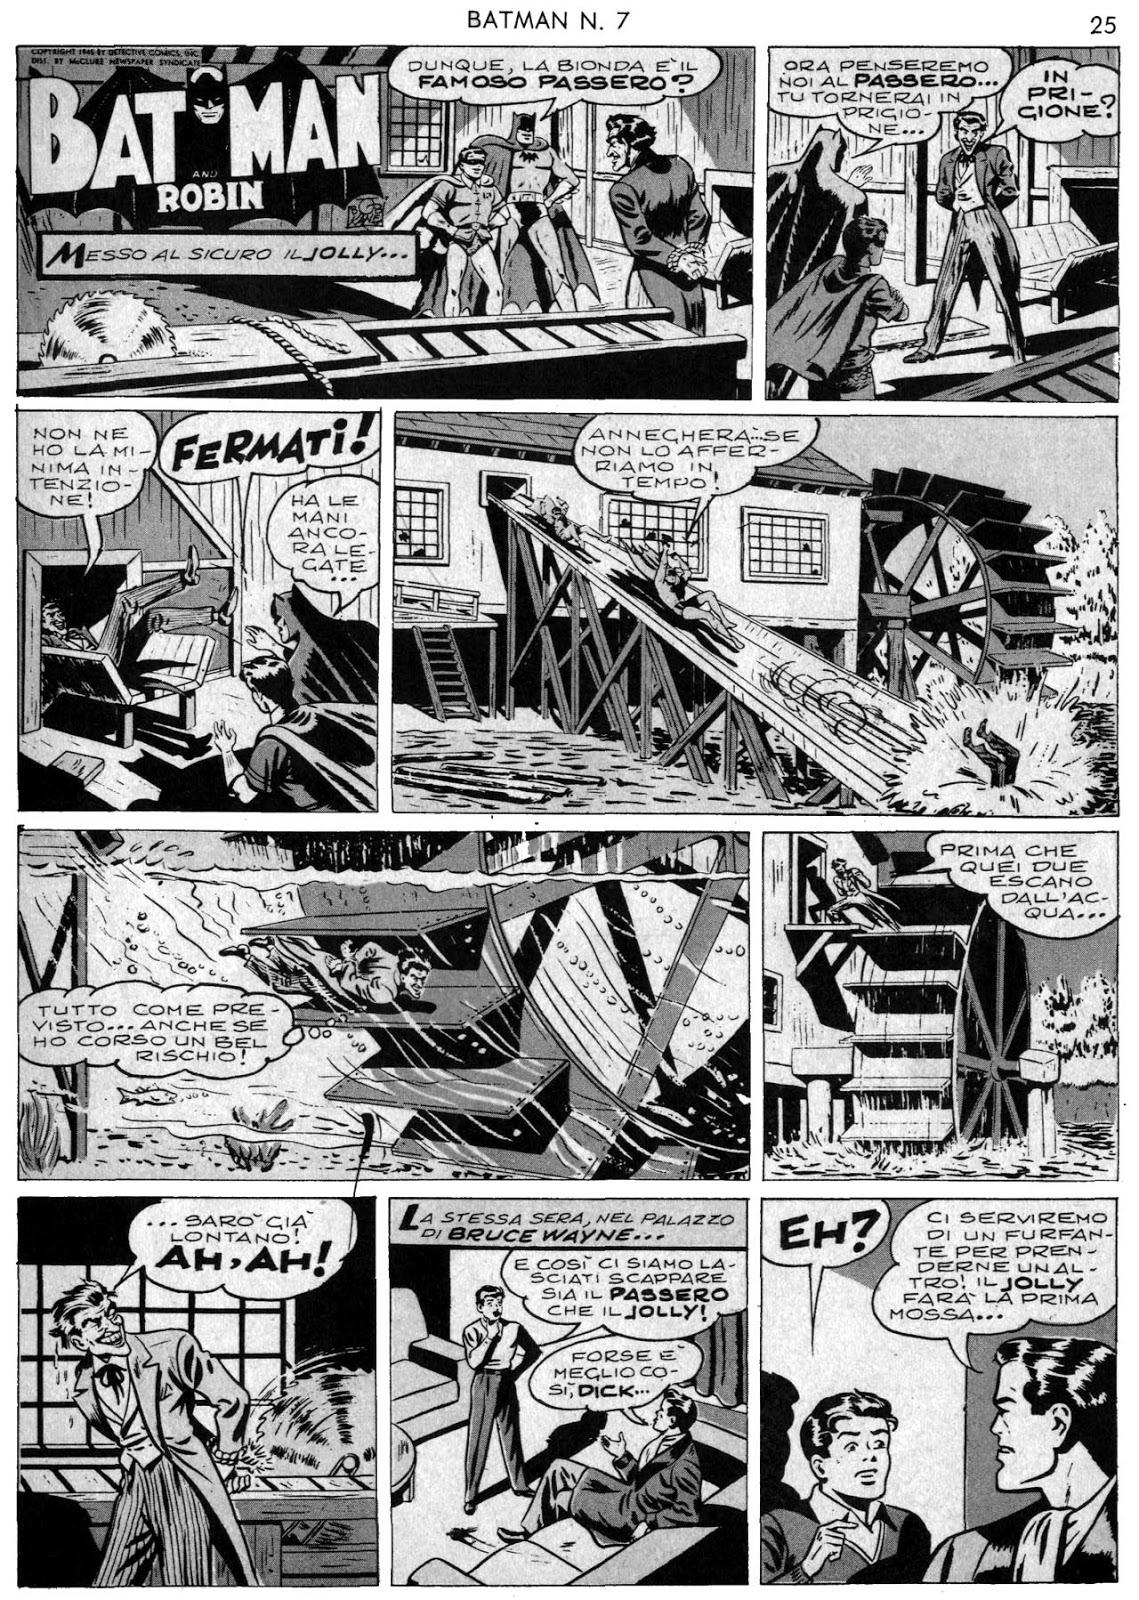 pagina_25